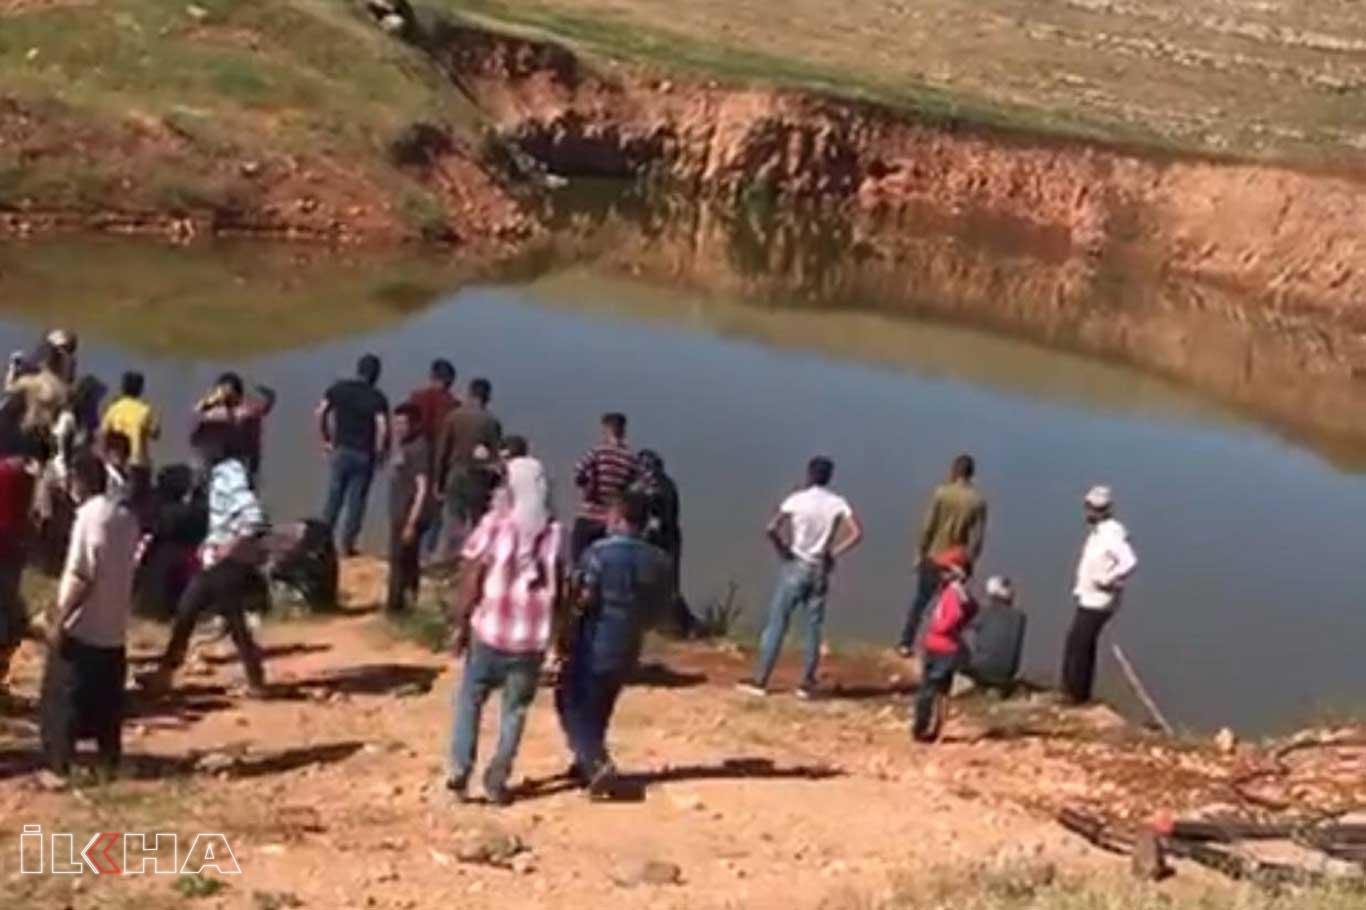 Şanlıurfa Viranşehir'de serinlemek için suya giren çocuk boğuldu.